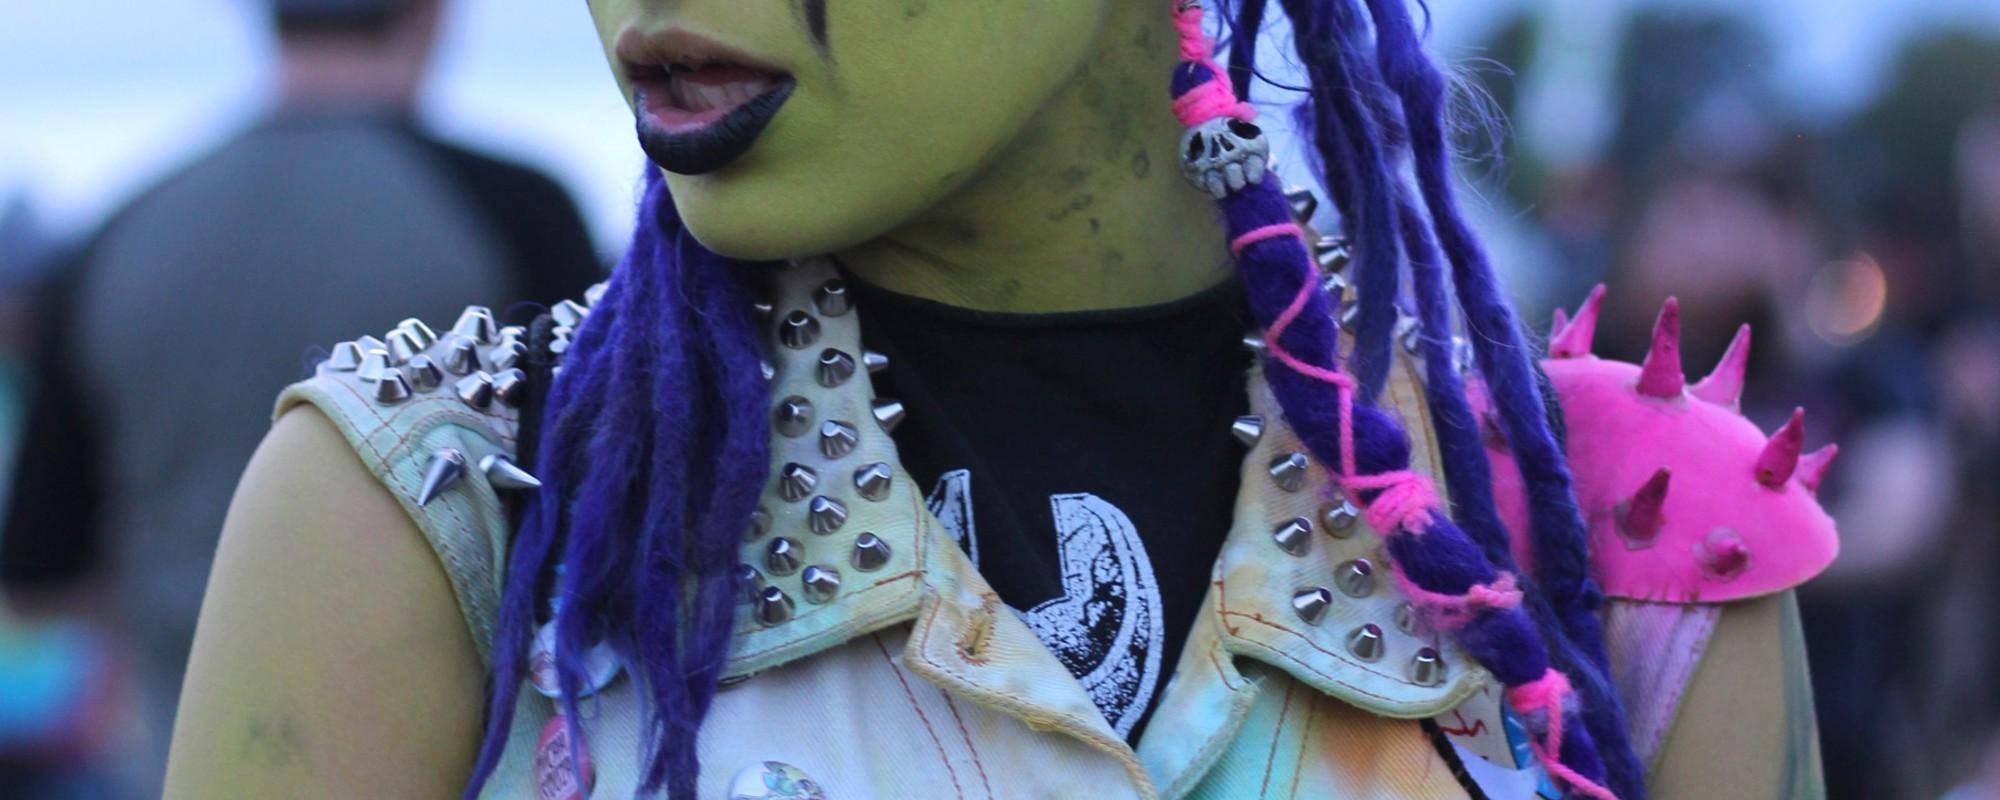 Los Misfits, punks y fenómenos de circo: Fotos del Riot Fest & Carnival